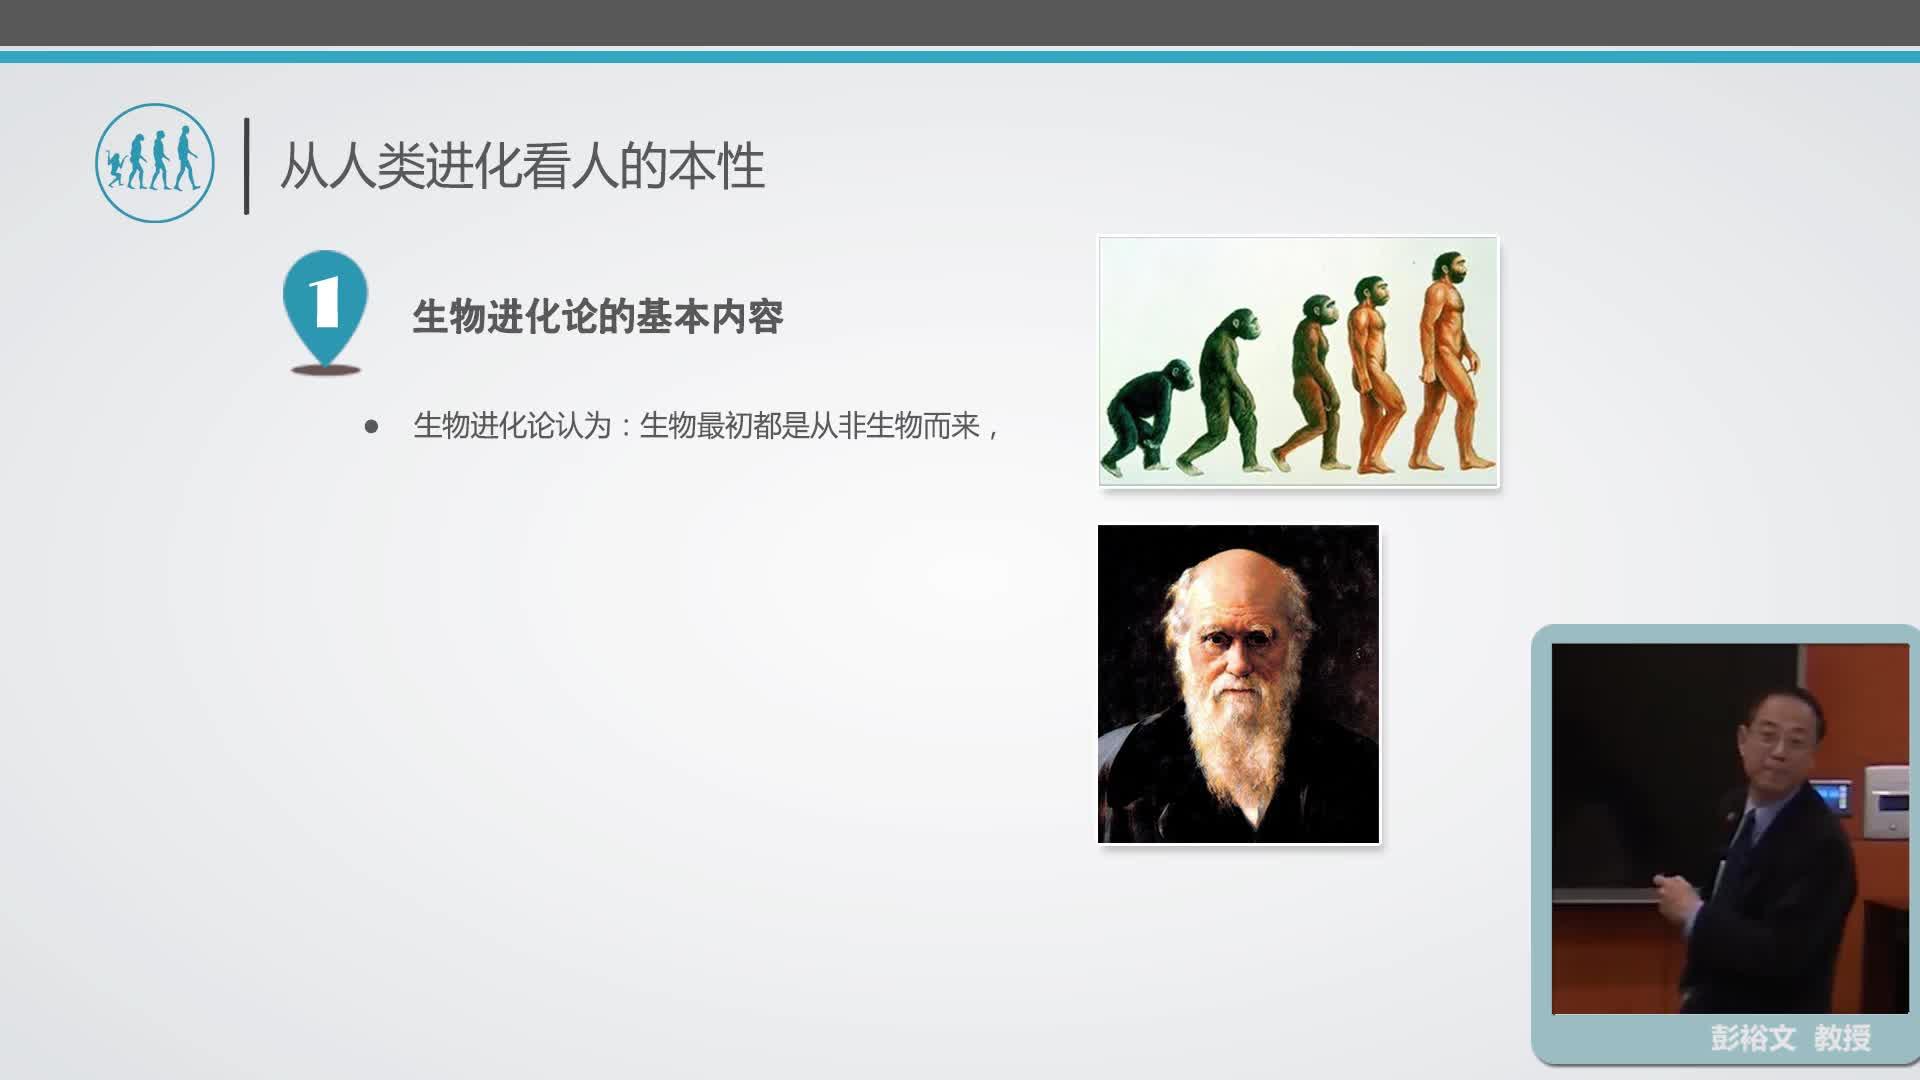 1.3从人类进化看人的本性.mp4